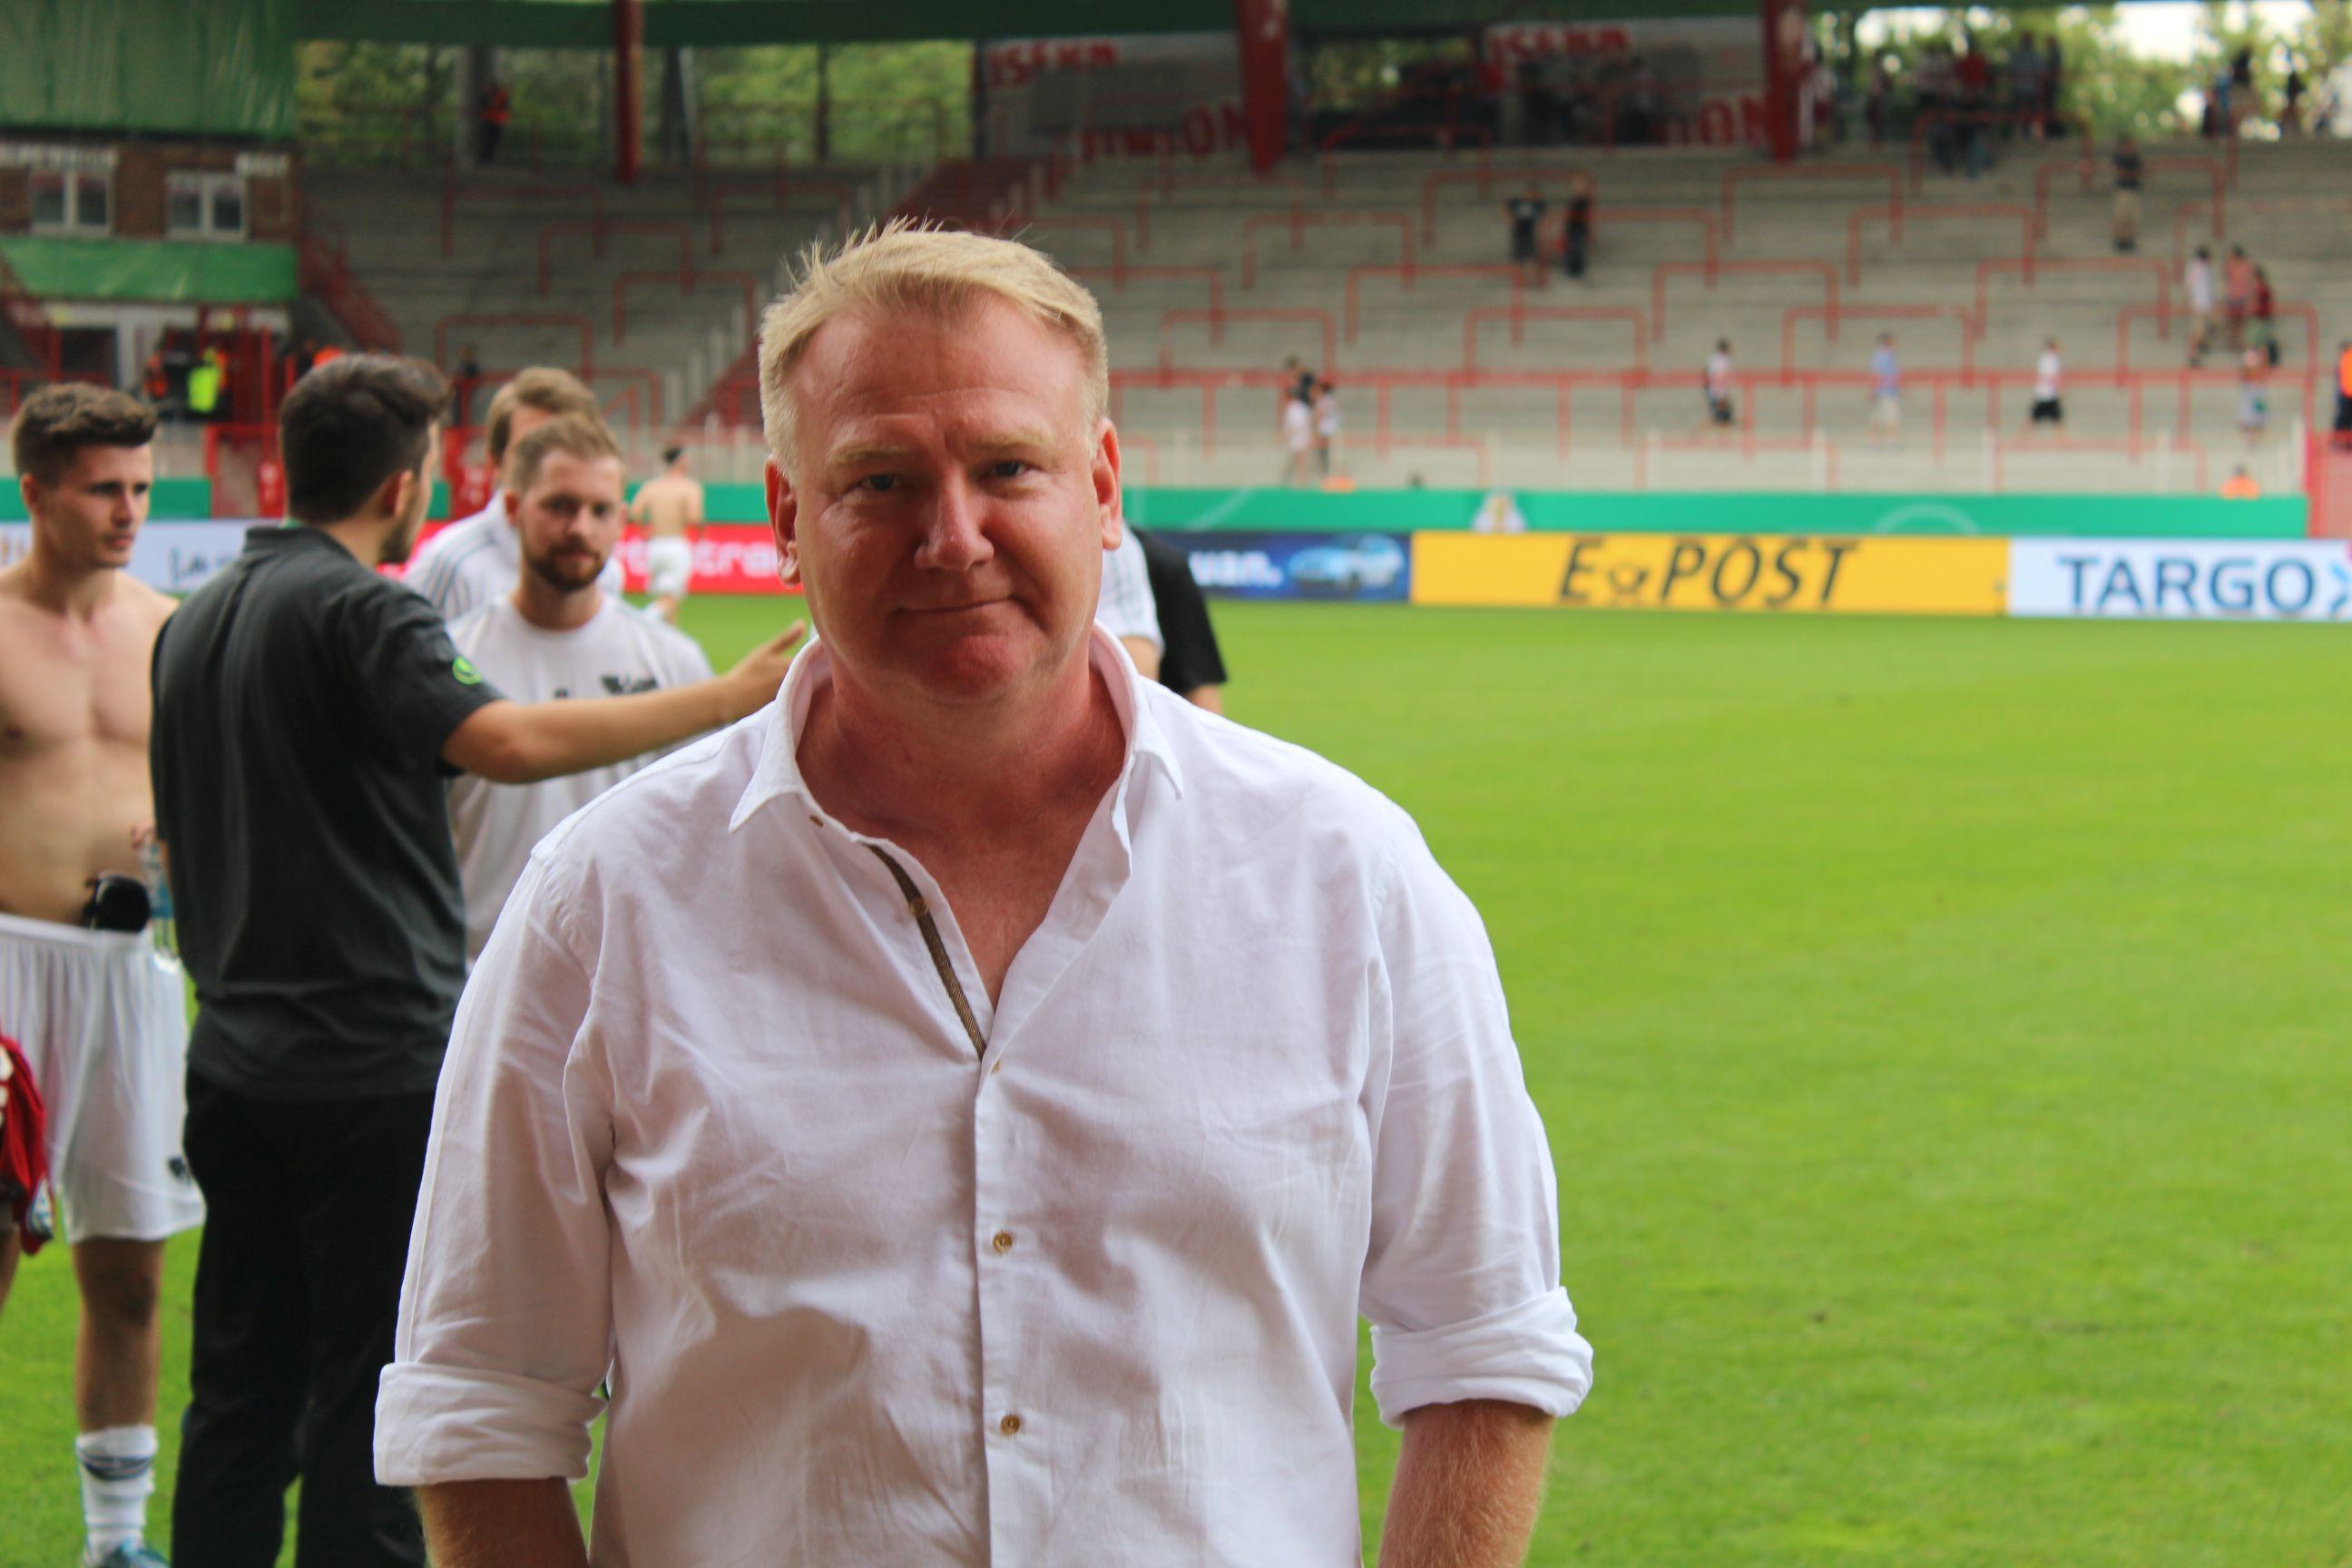 Andreas Mittelstädt, 1. Vorsitzender u. Trainer (BFC Preussen)